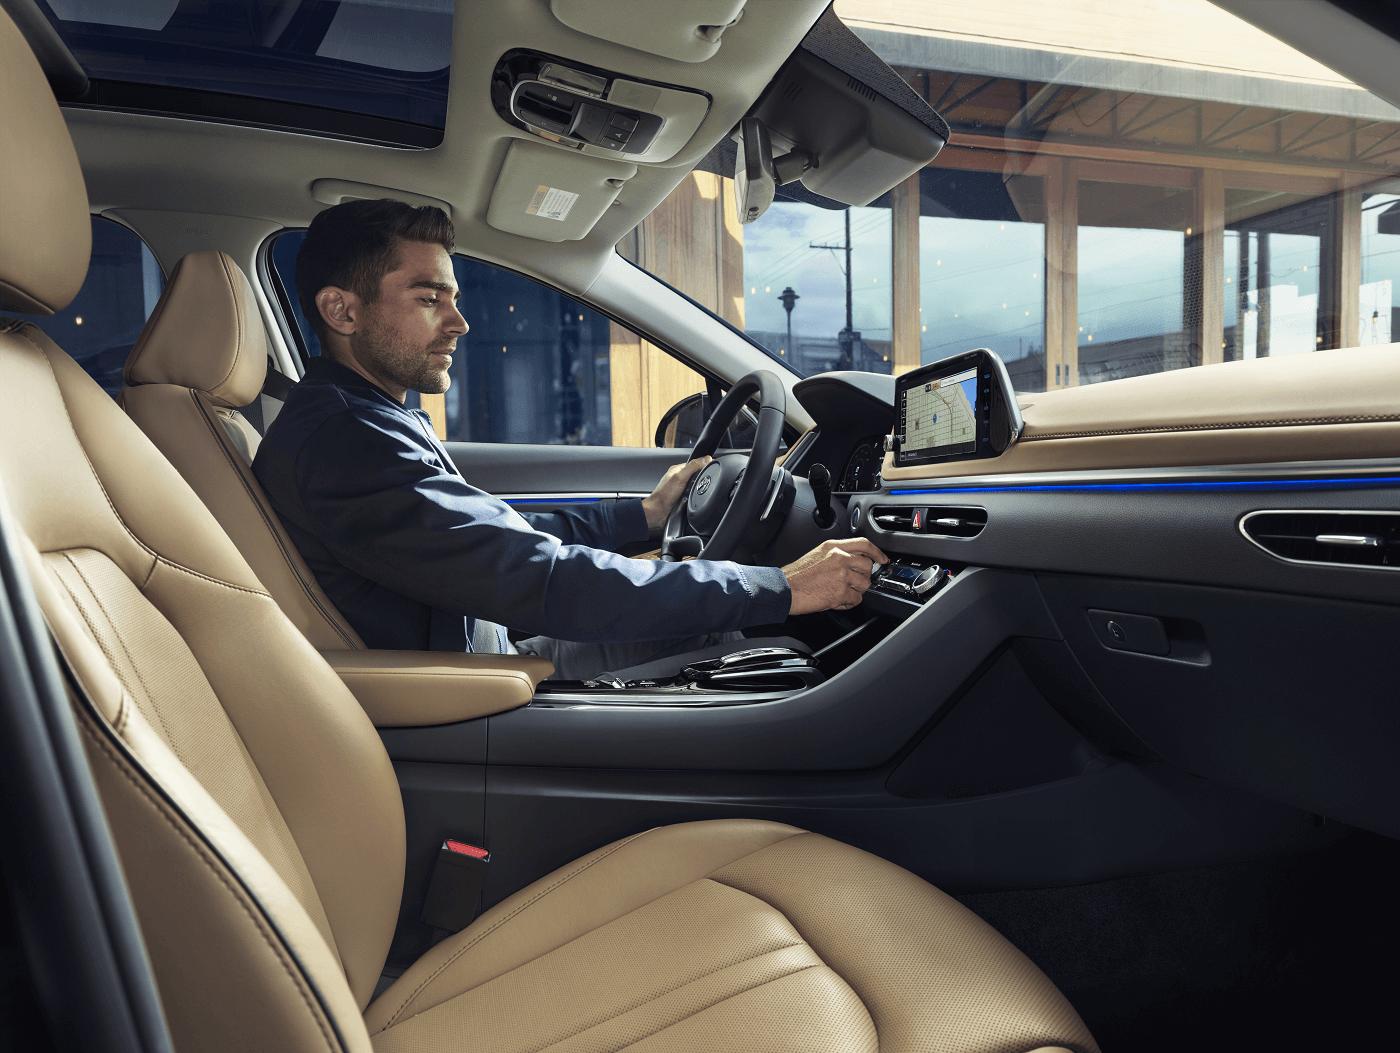 Inside the 2020 Hyundai Sonata